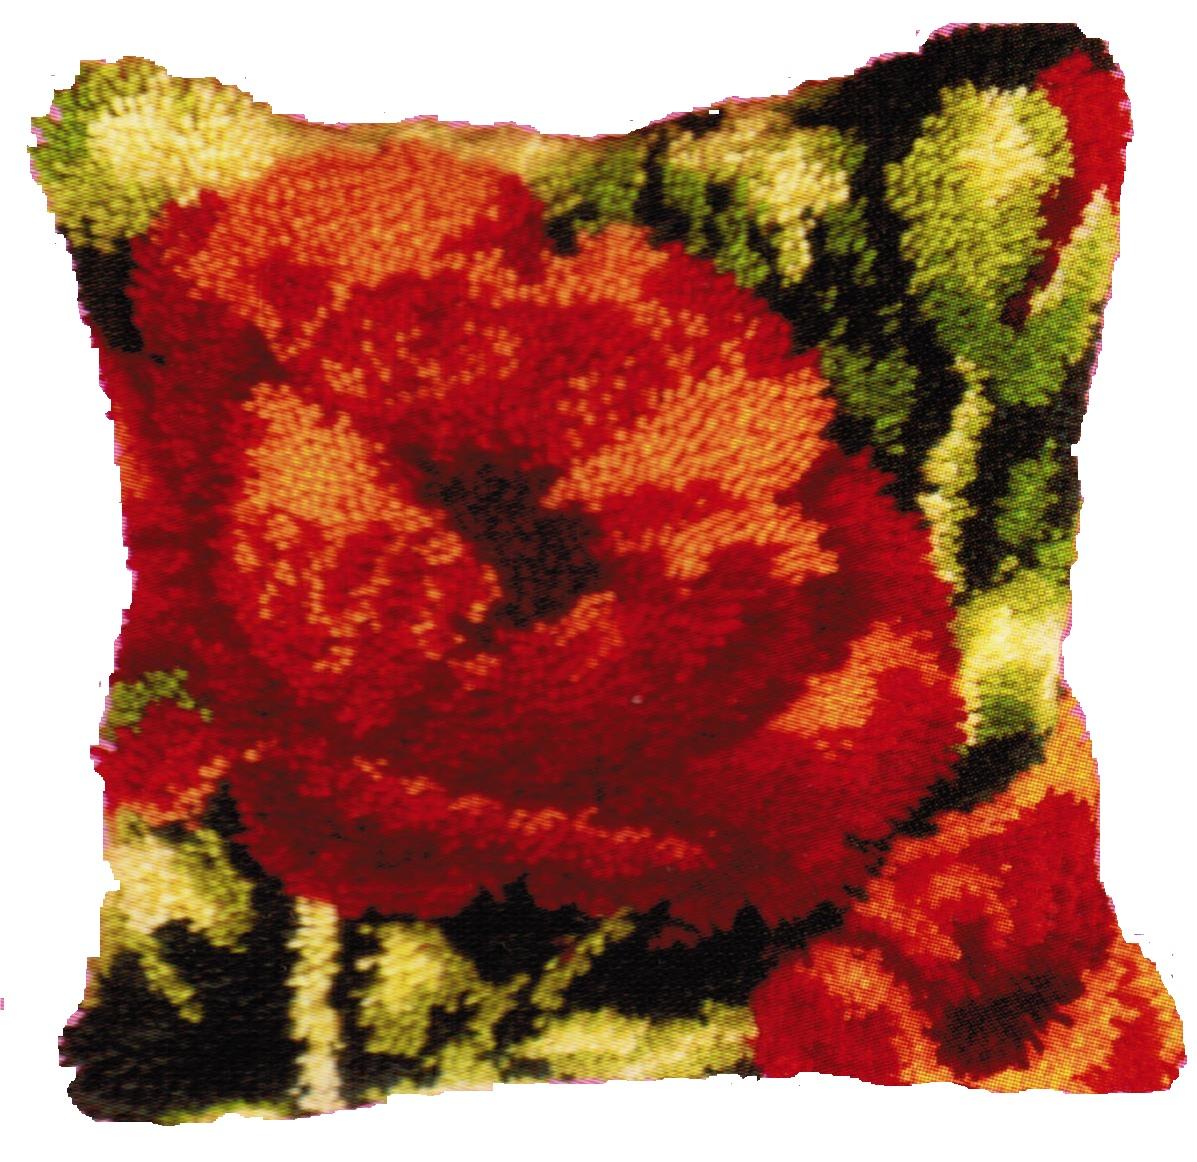 Comprar cojin de lana manualmania 45x45 cm para manualidades bam manualidades - Cojines de lana ...